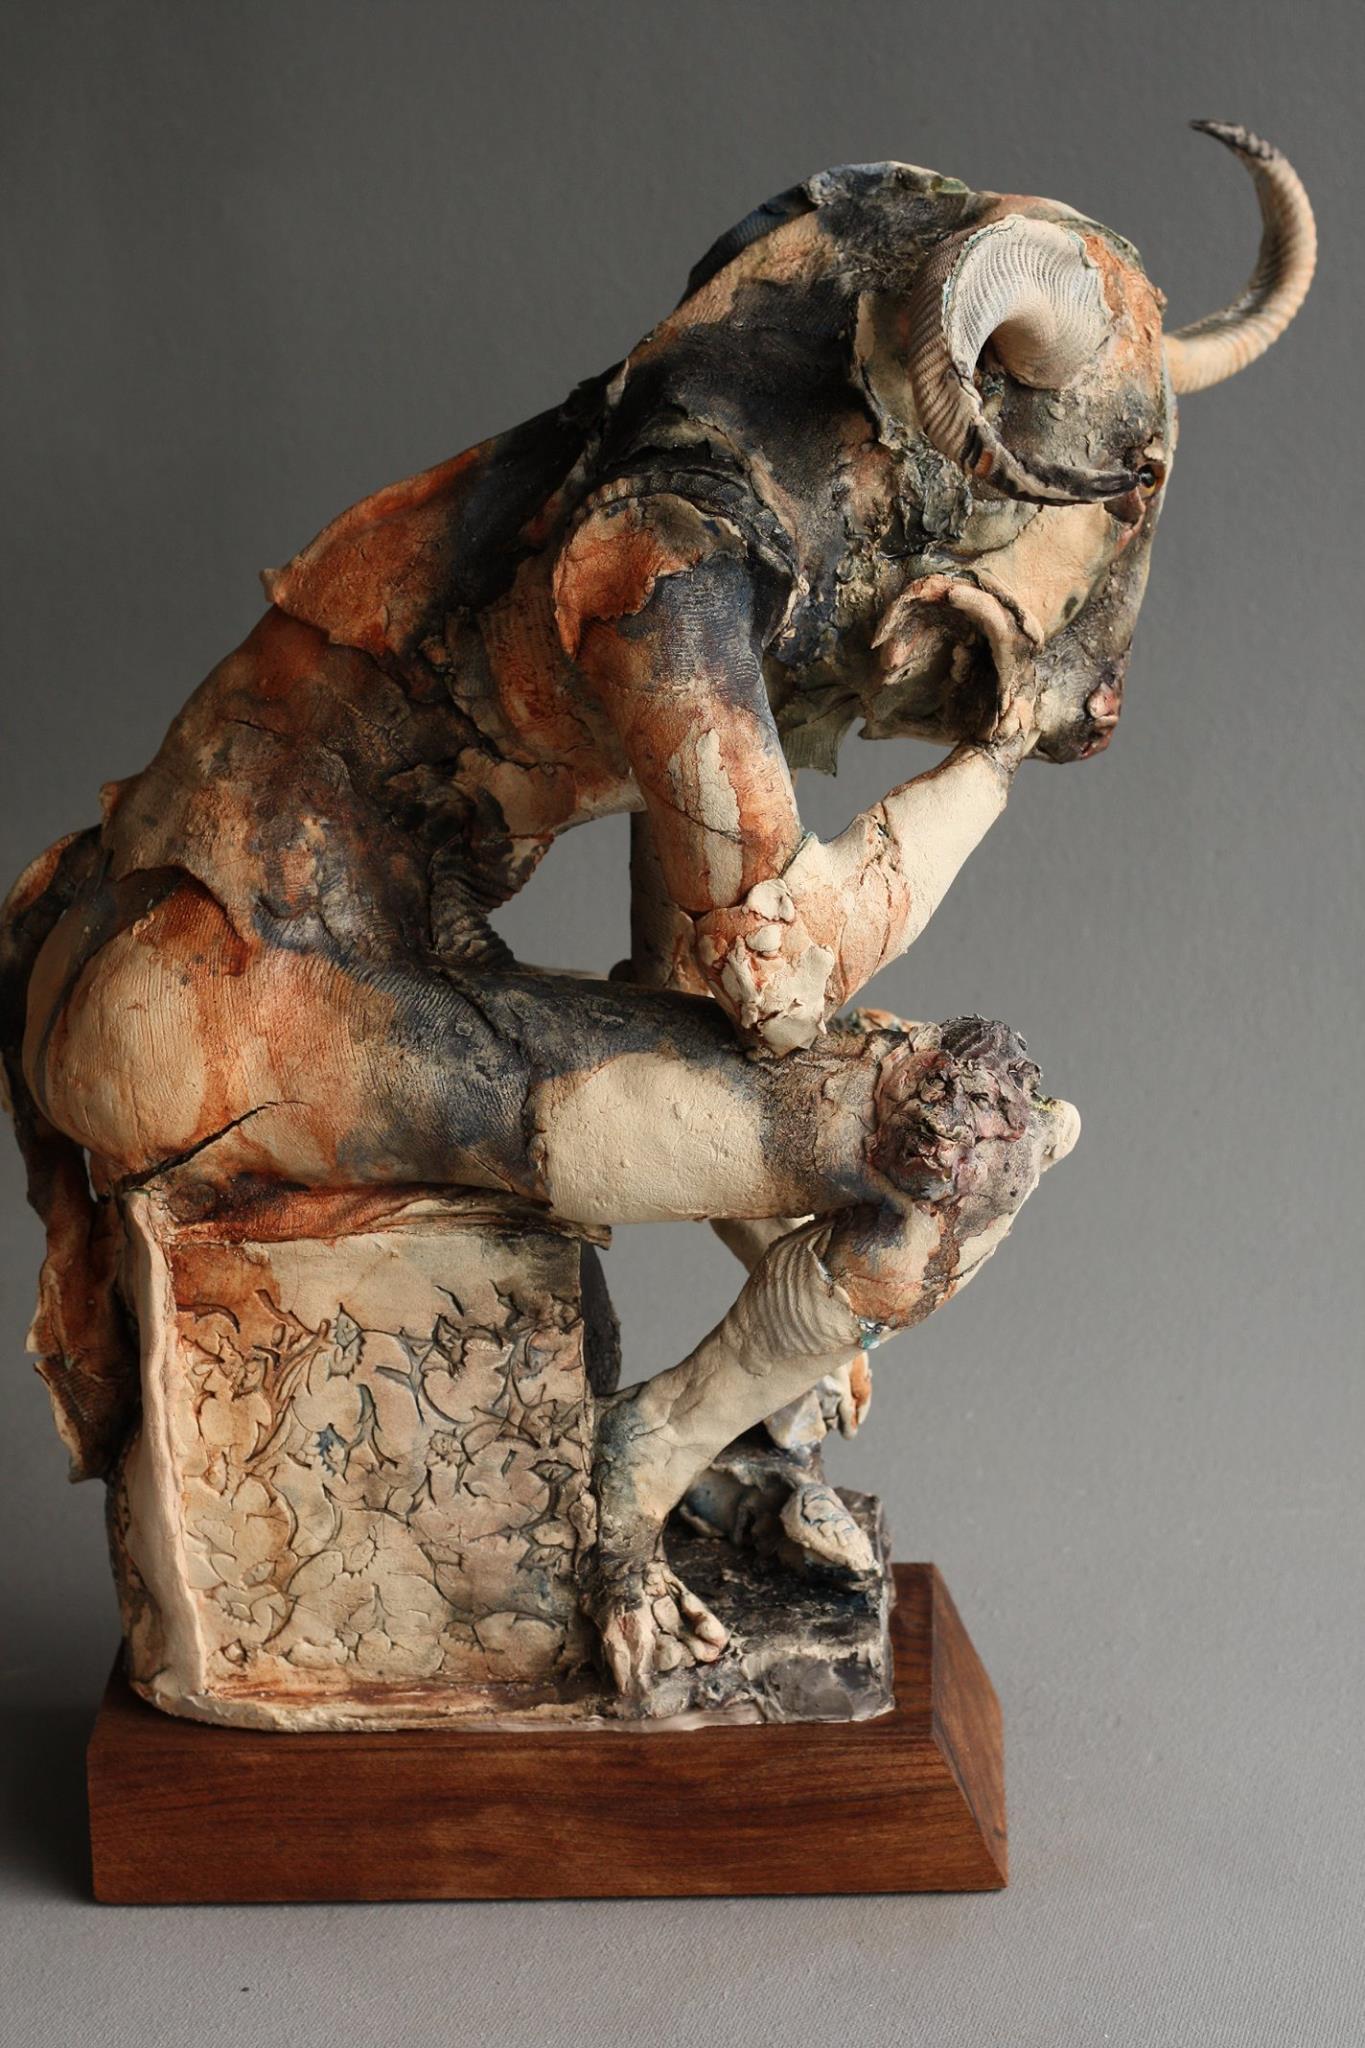 Minotaur sculpture – Ostinelli